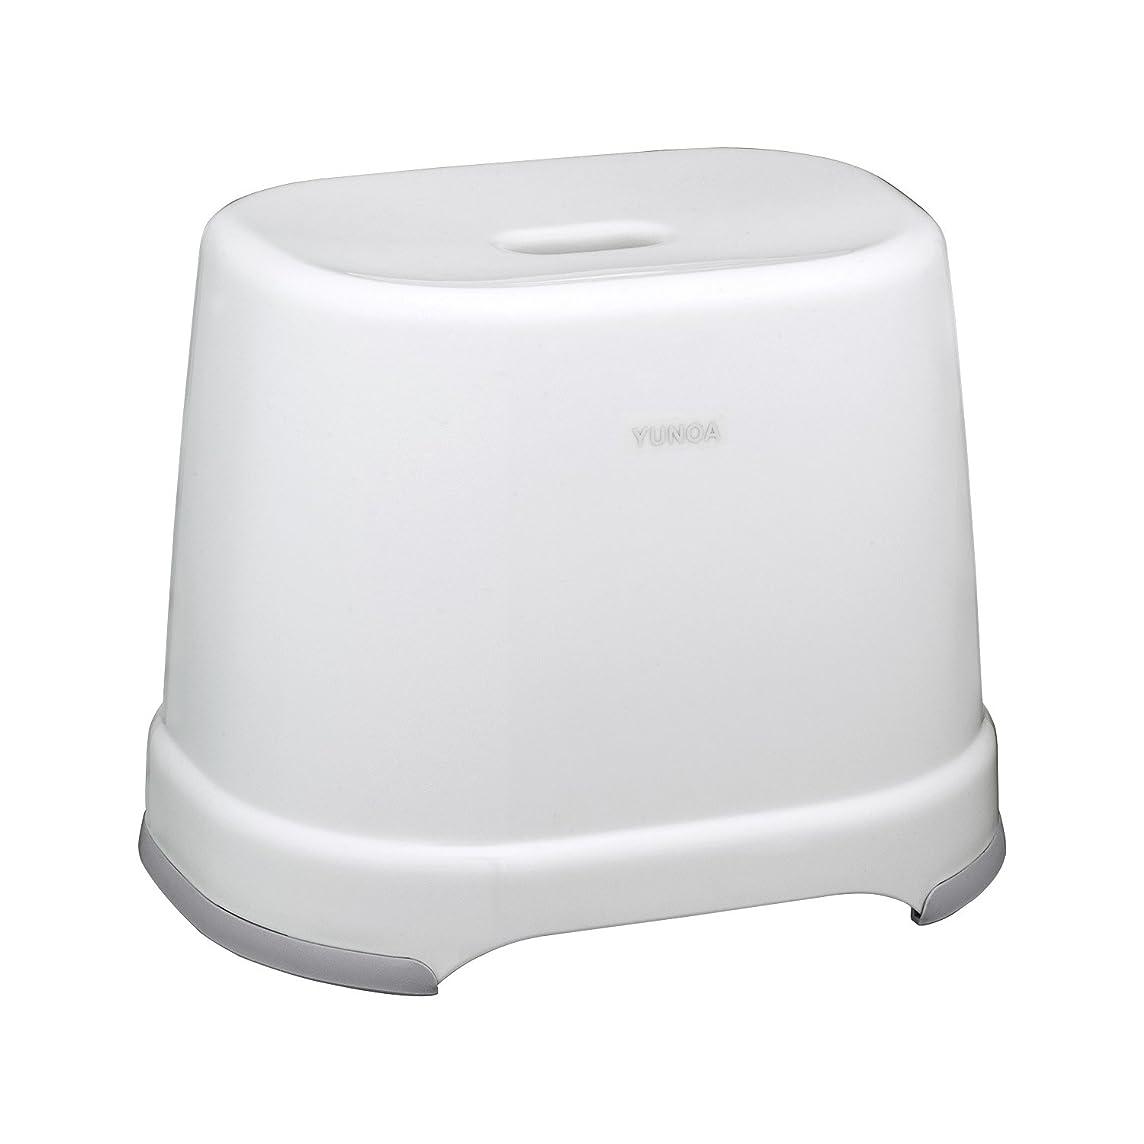 厳動脈将来のレック YUNOA (ユノア) 風呂いす 高さ28cm (ニューホワイト) 防カビ ? 抗菌 BB-108